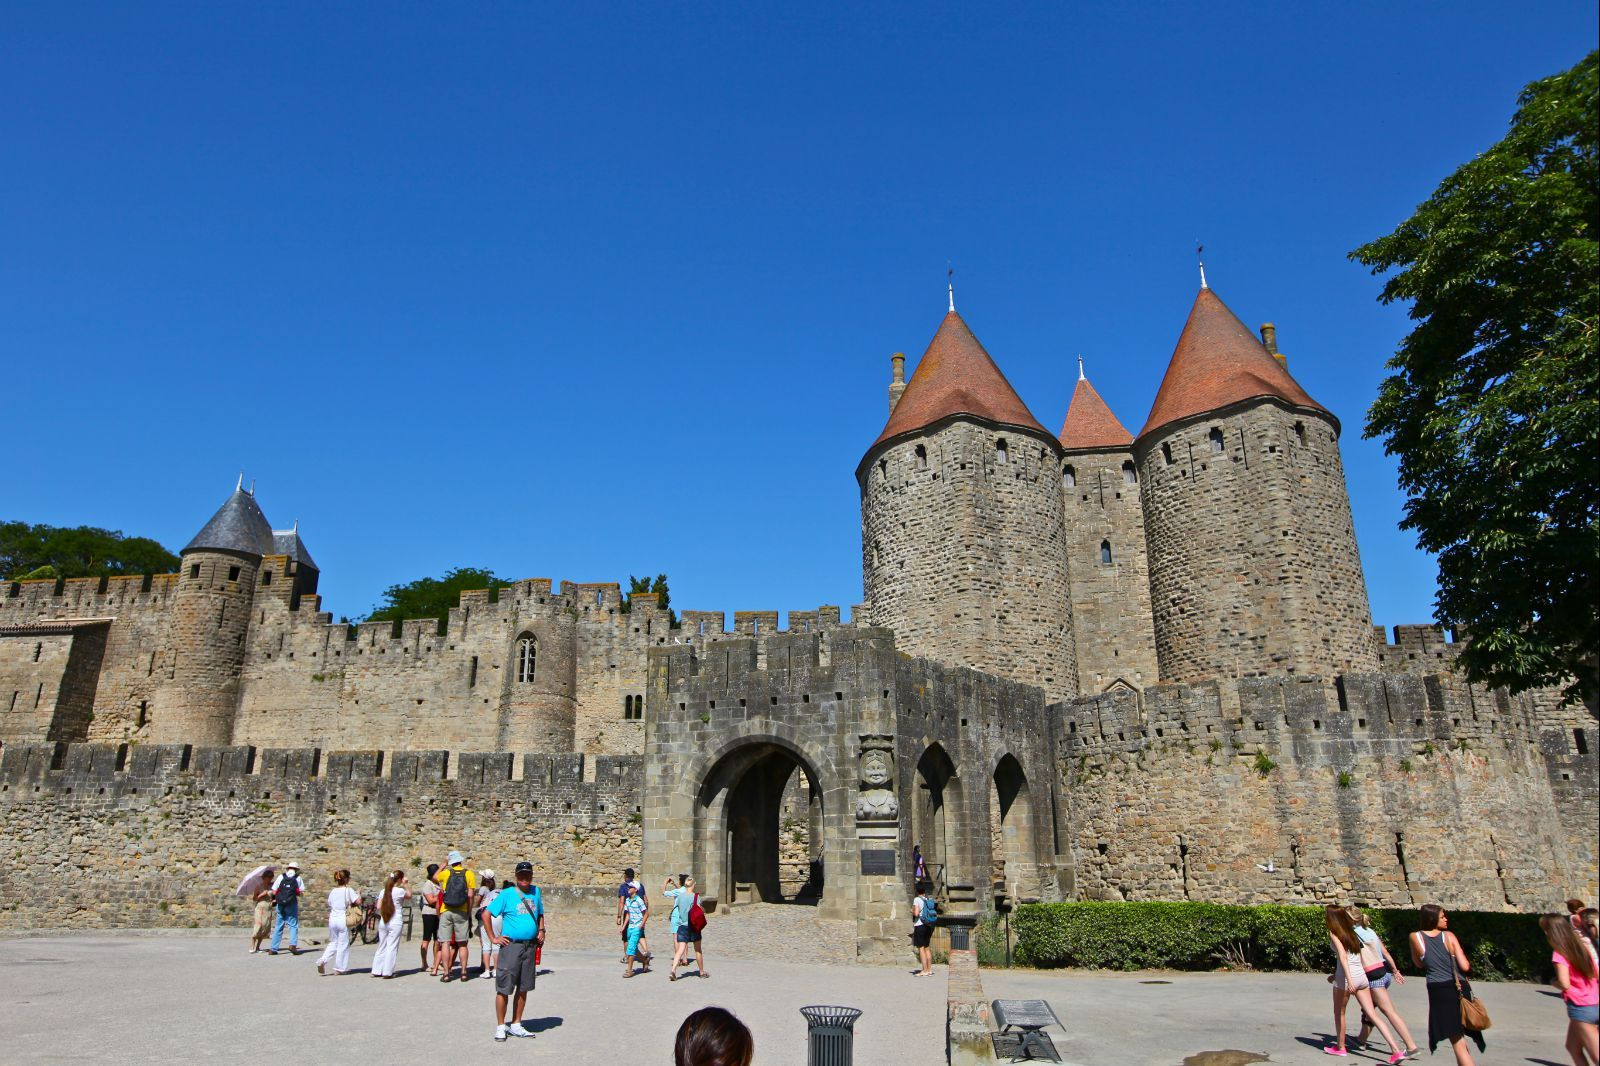 走进卡尔卡松古城堡的拱形城门,通过木板吊桥跨越护城河,就可以进入城图片